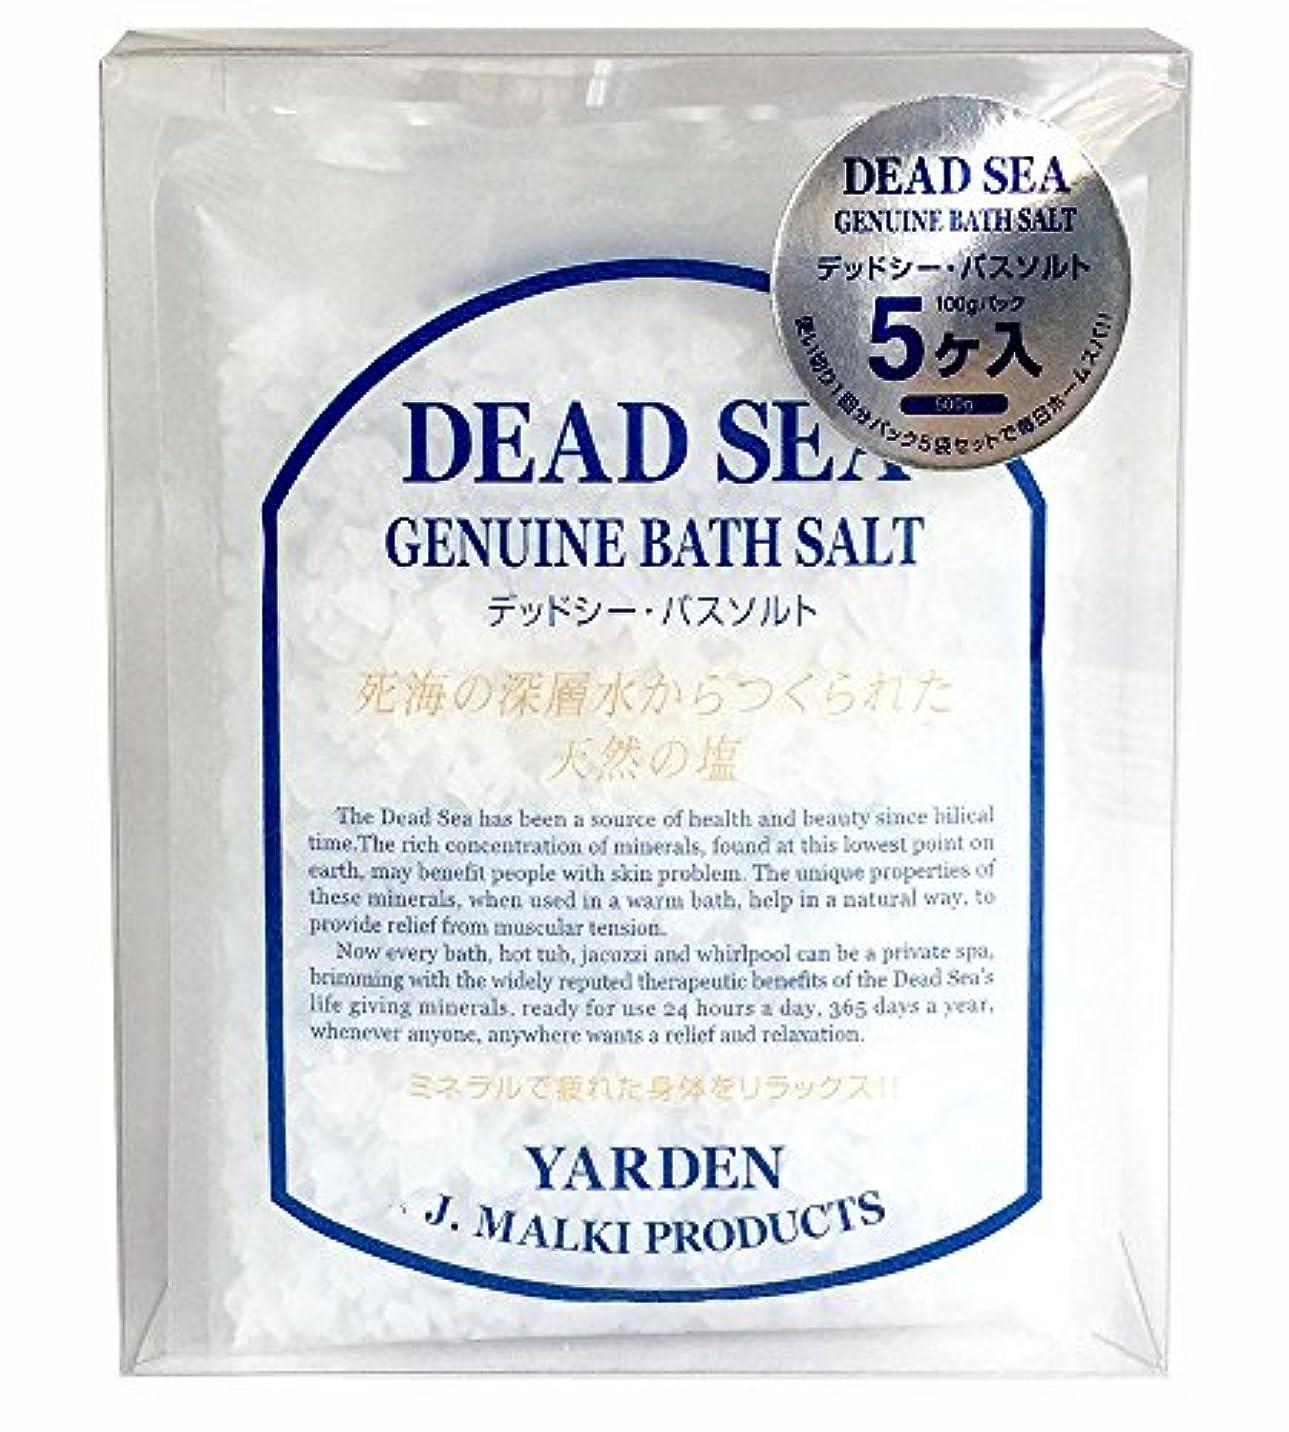 外向き雑種後方にデッドシー?バスソルト 100g×5個セット【DEAD SEA BATH SALT】死海の塩/入浴剤(入浴用化粧品)【正規販売店】